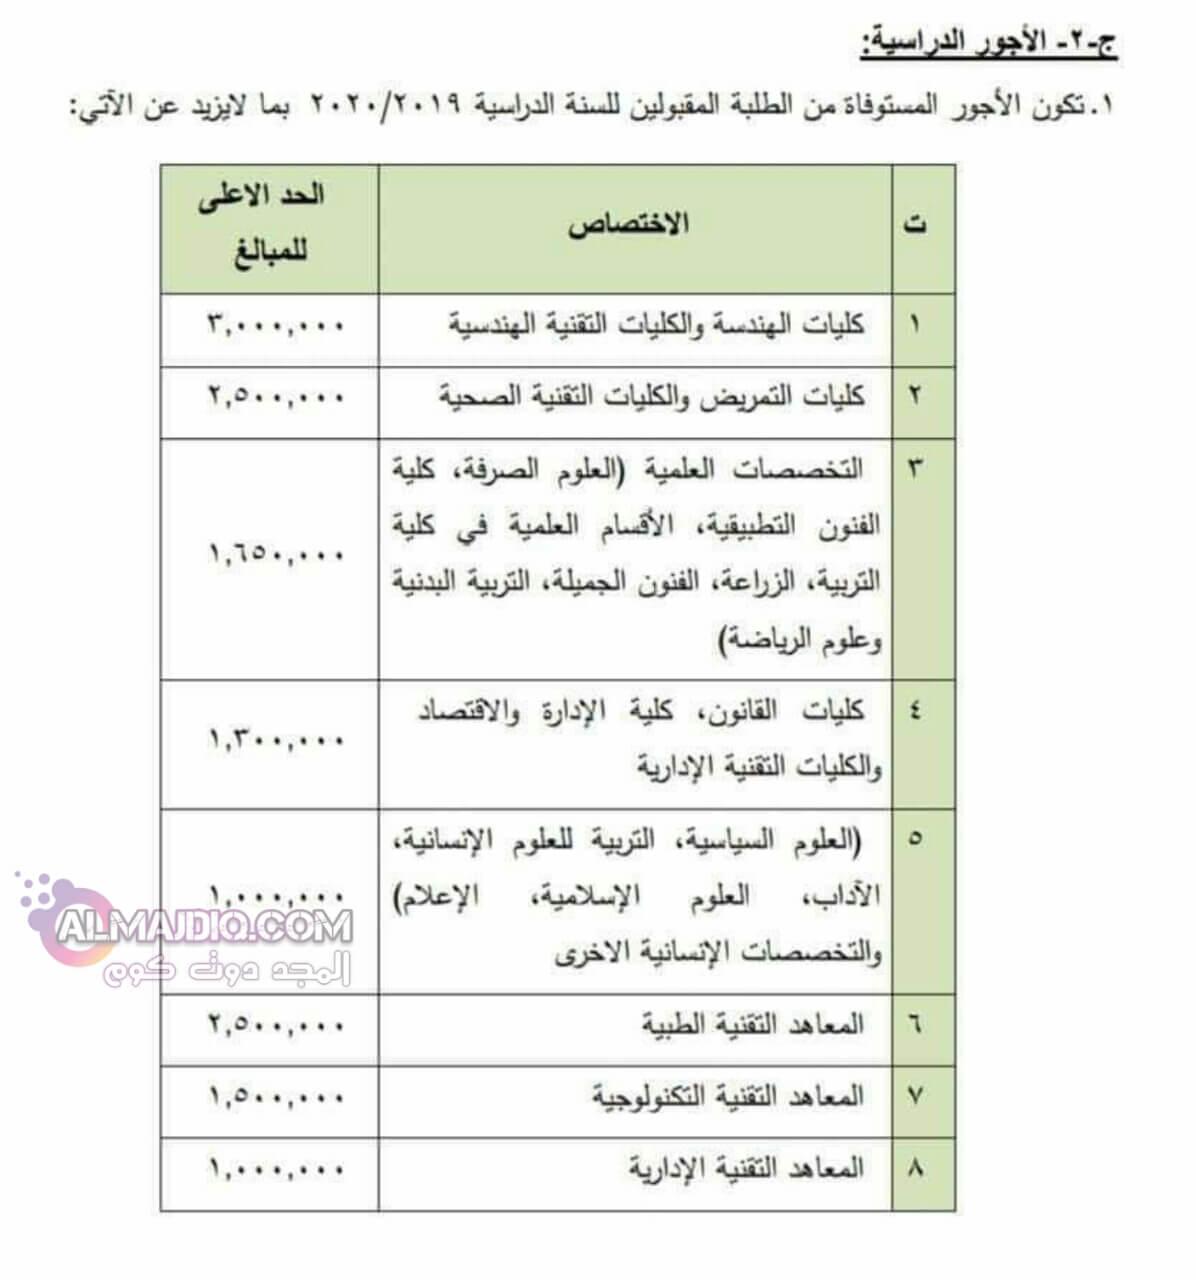 معدلات الكليات المسائية في العراق